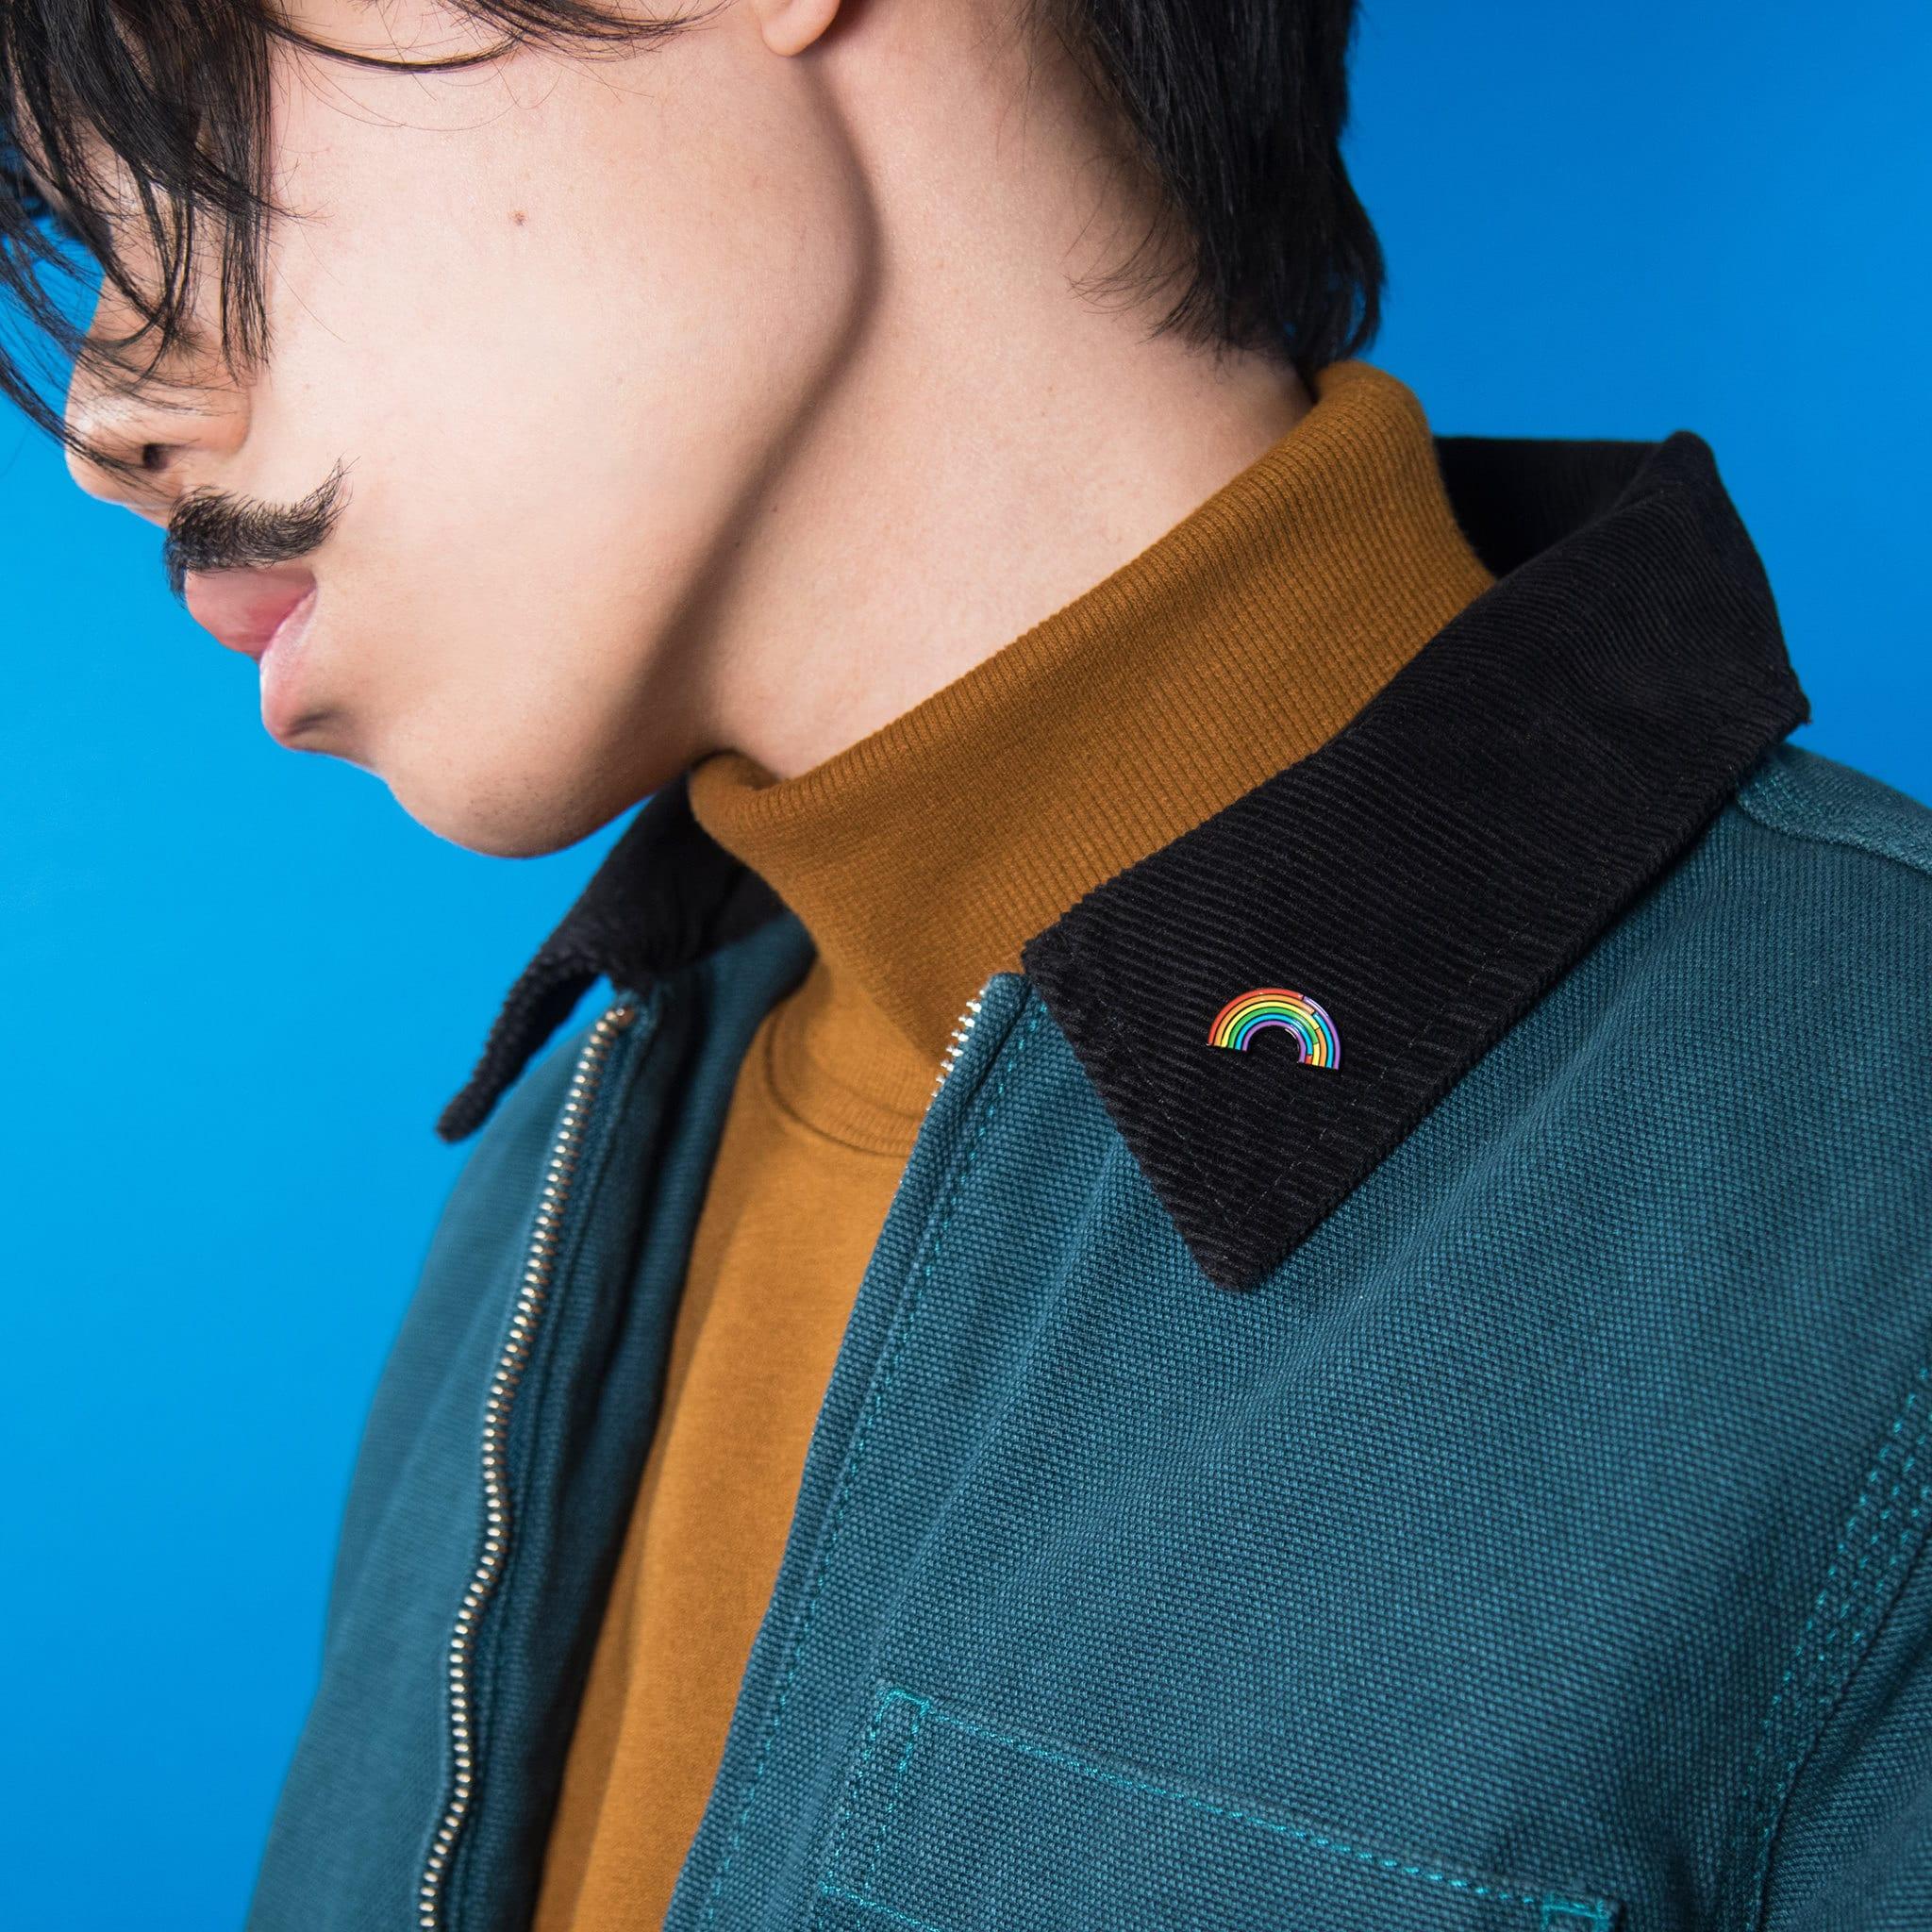 Rainbow LGBT Gay Pride Collar Pin Badge by The Pin Prick Etsy